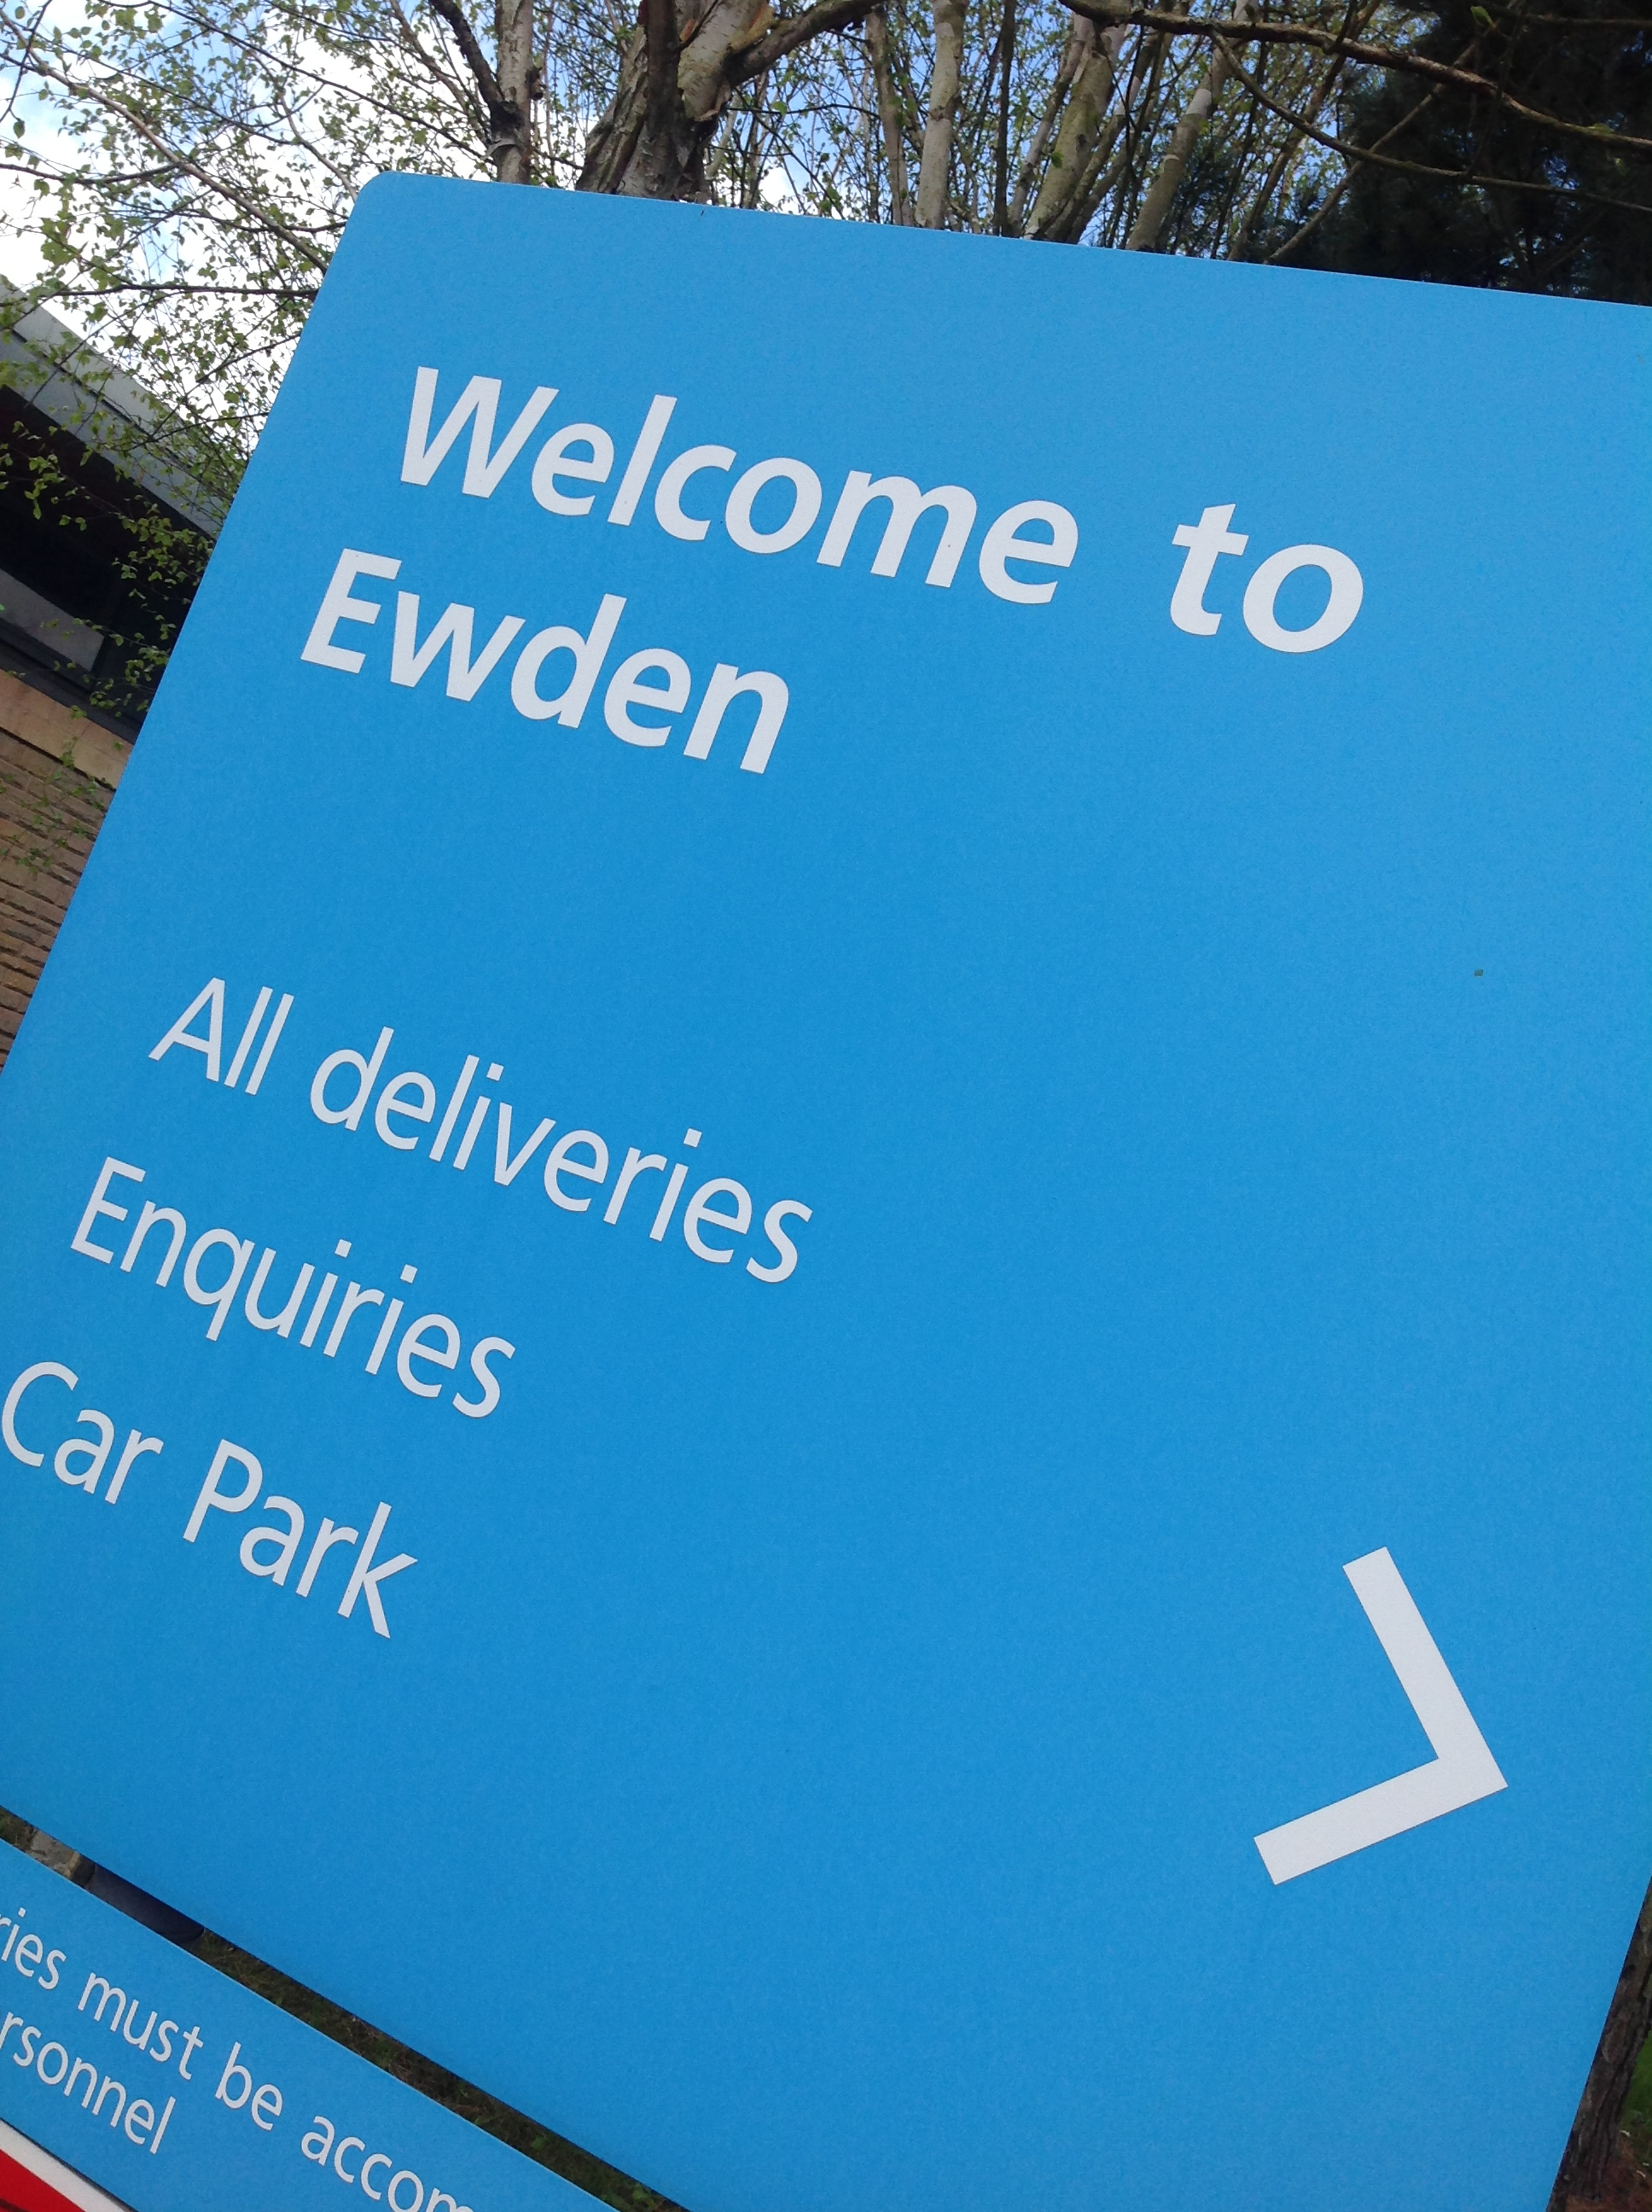 Ewden sign